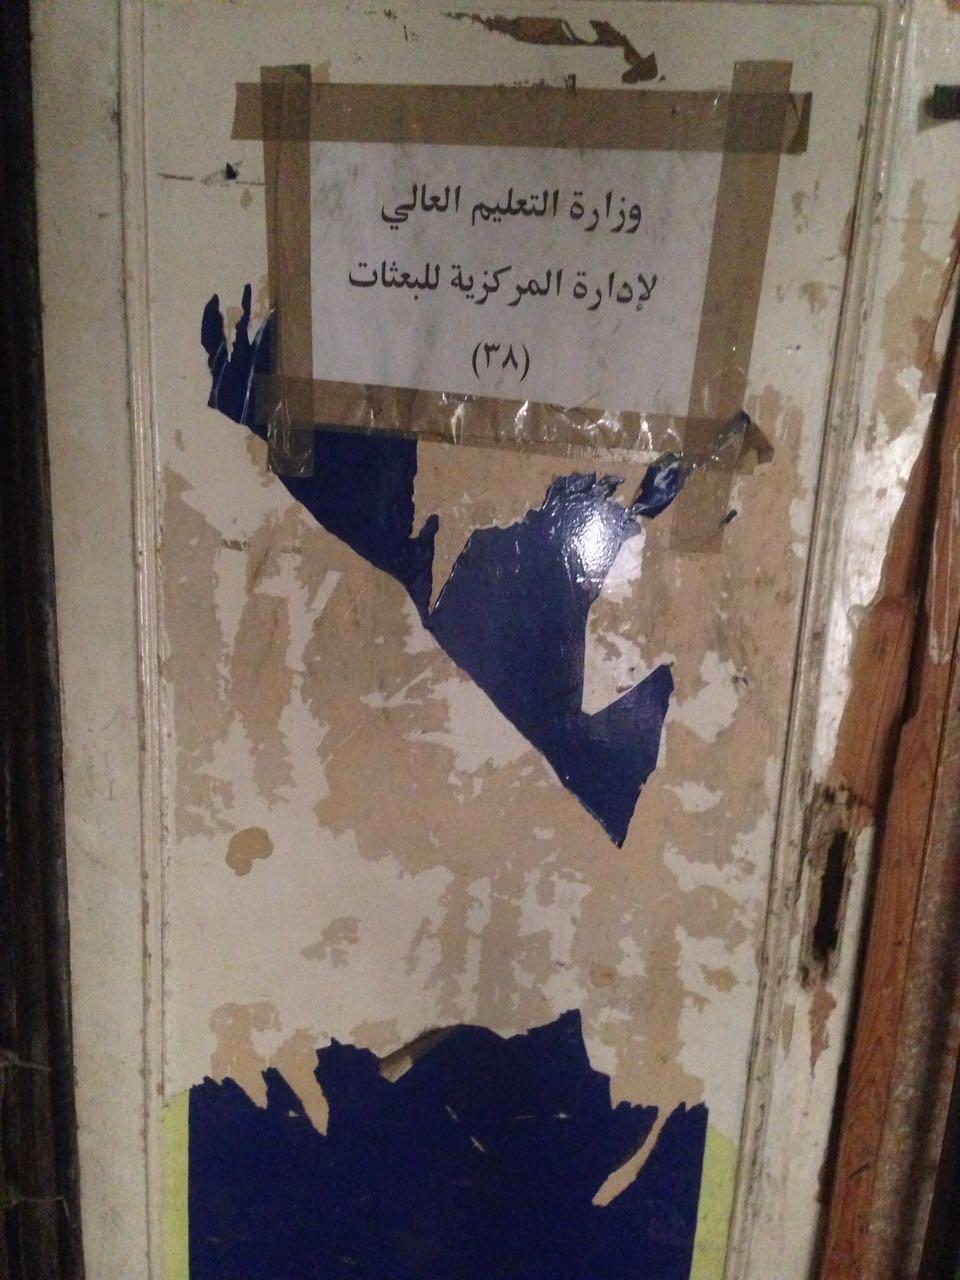 بالصور والفيديو.. أكاديمي يرصد إهمال إدارة البعثات بمجمع التحرير: «زبالة وقطط»